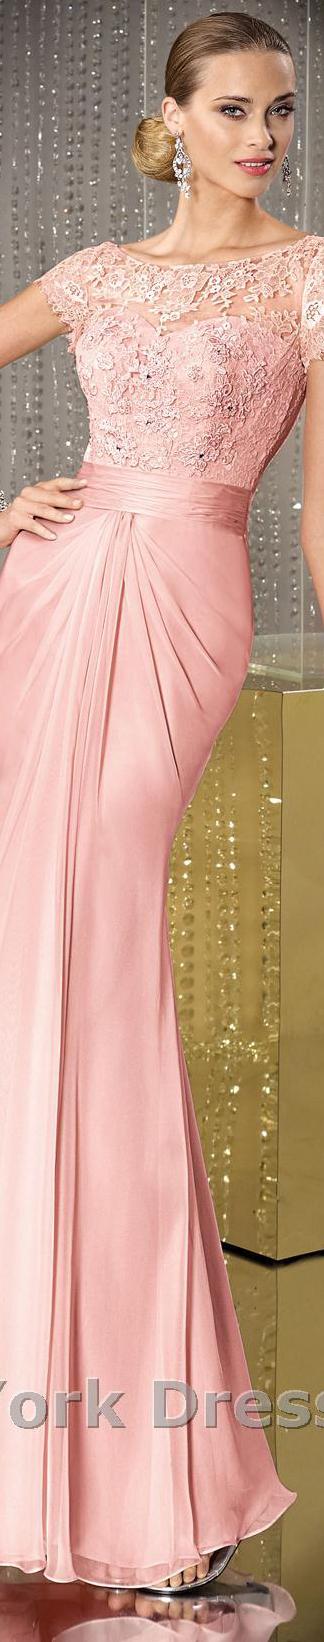 Alyce Paris design   Vestidos   Pinterest   Vestiditos, Vestidos de ...